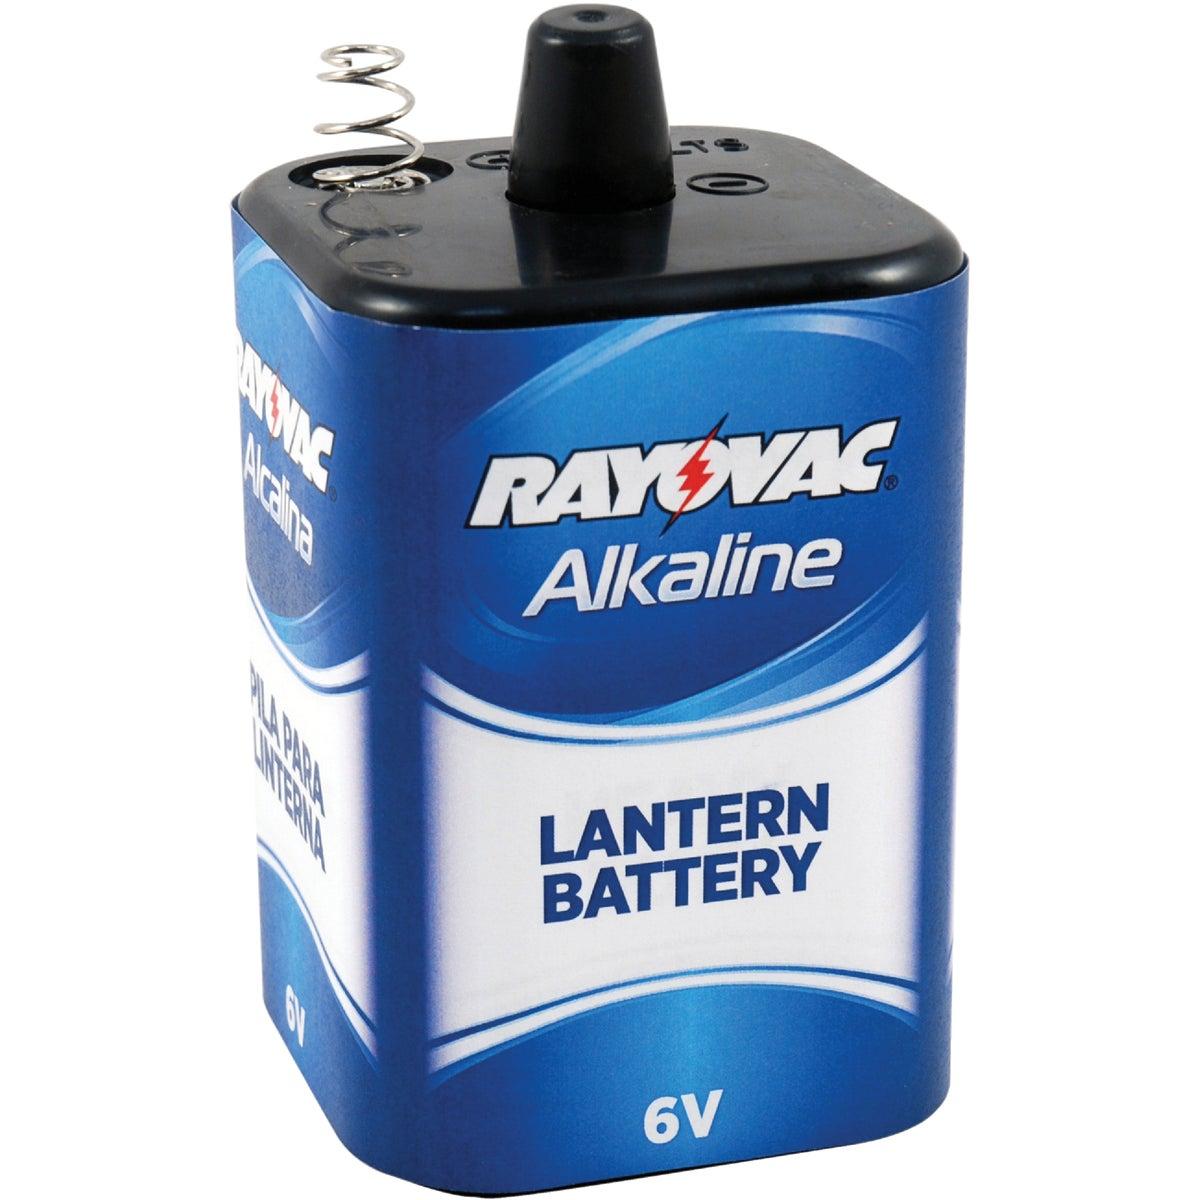 6V Lantern Battery